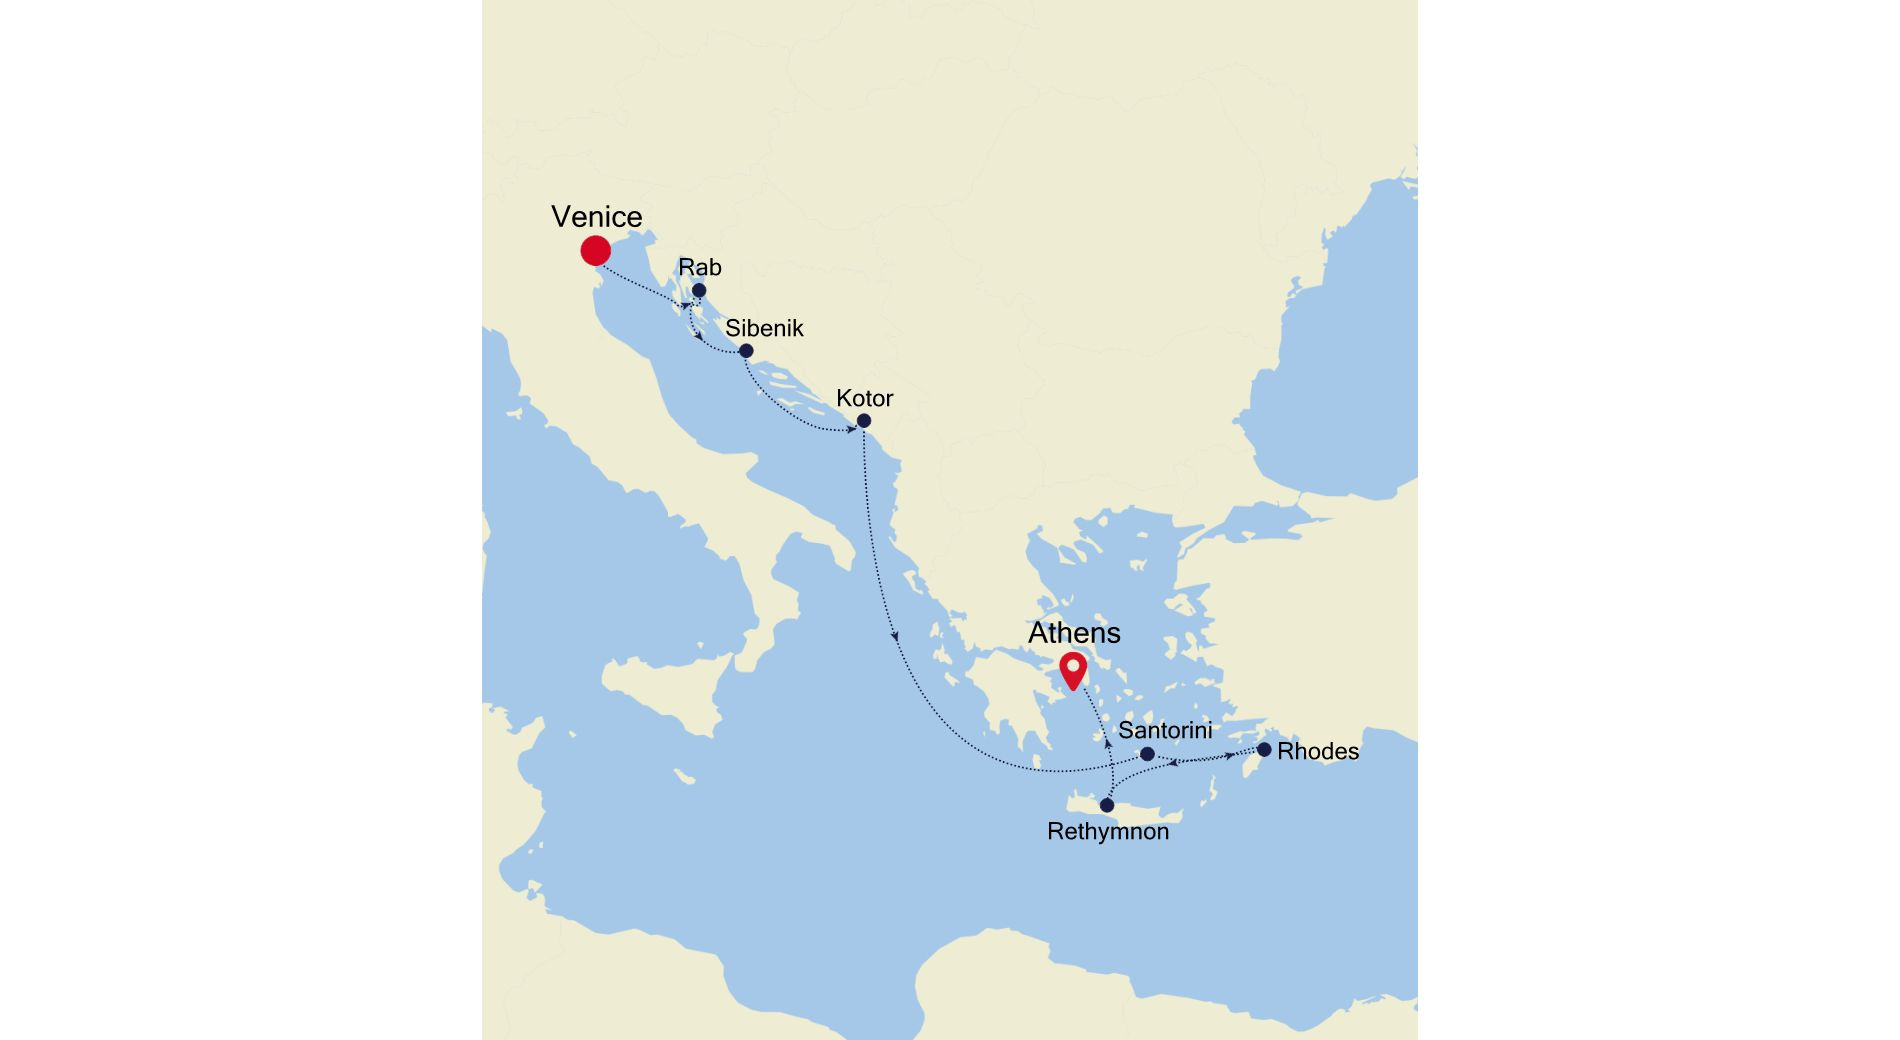 WH200819009 - Venice to Piraeus